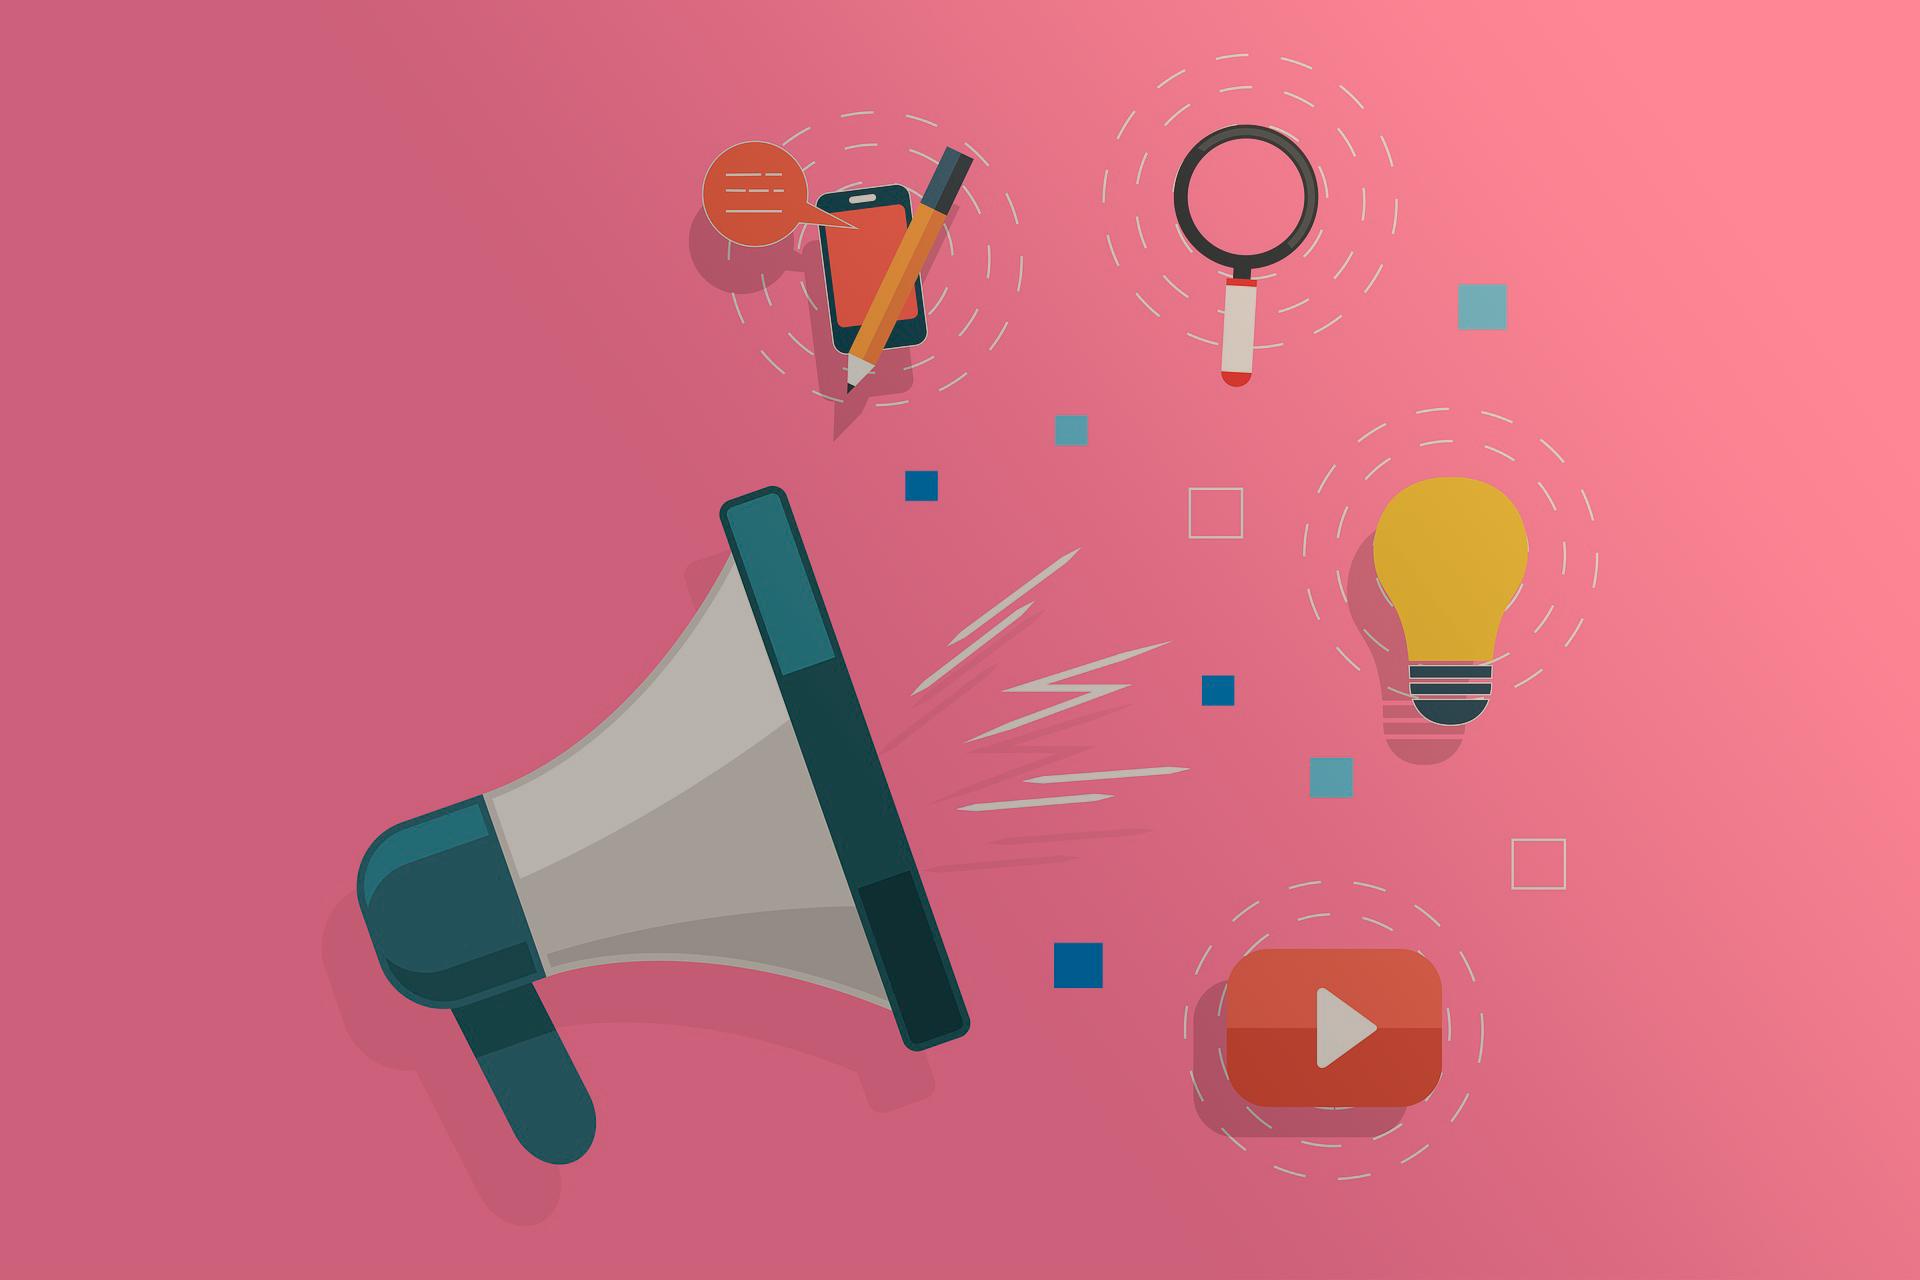 como-ter-sucesso-no-marketing-de-mídia-social-sem-gastar